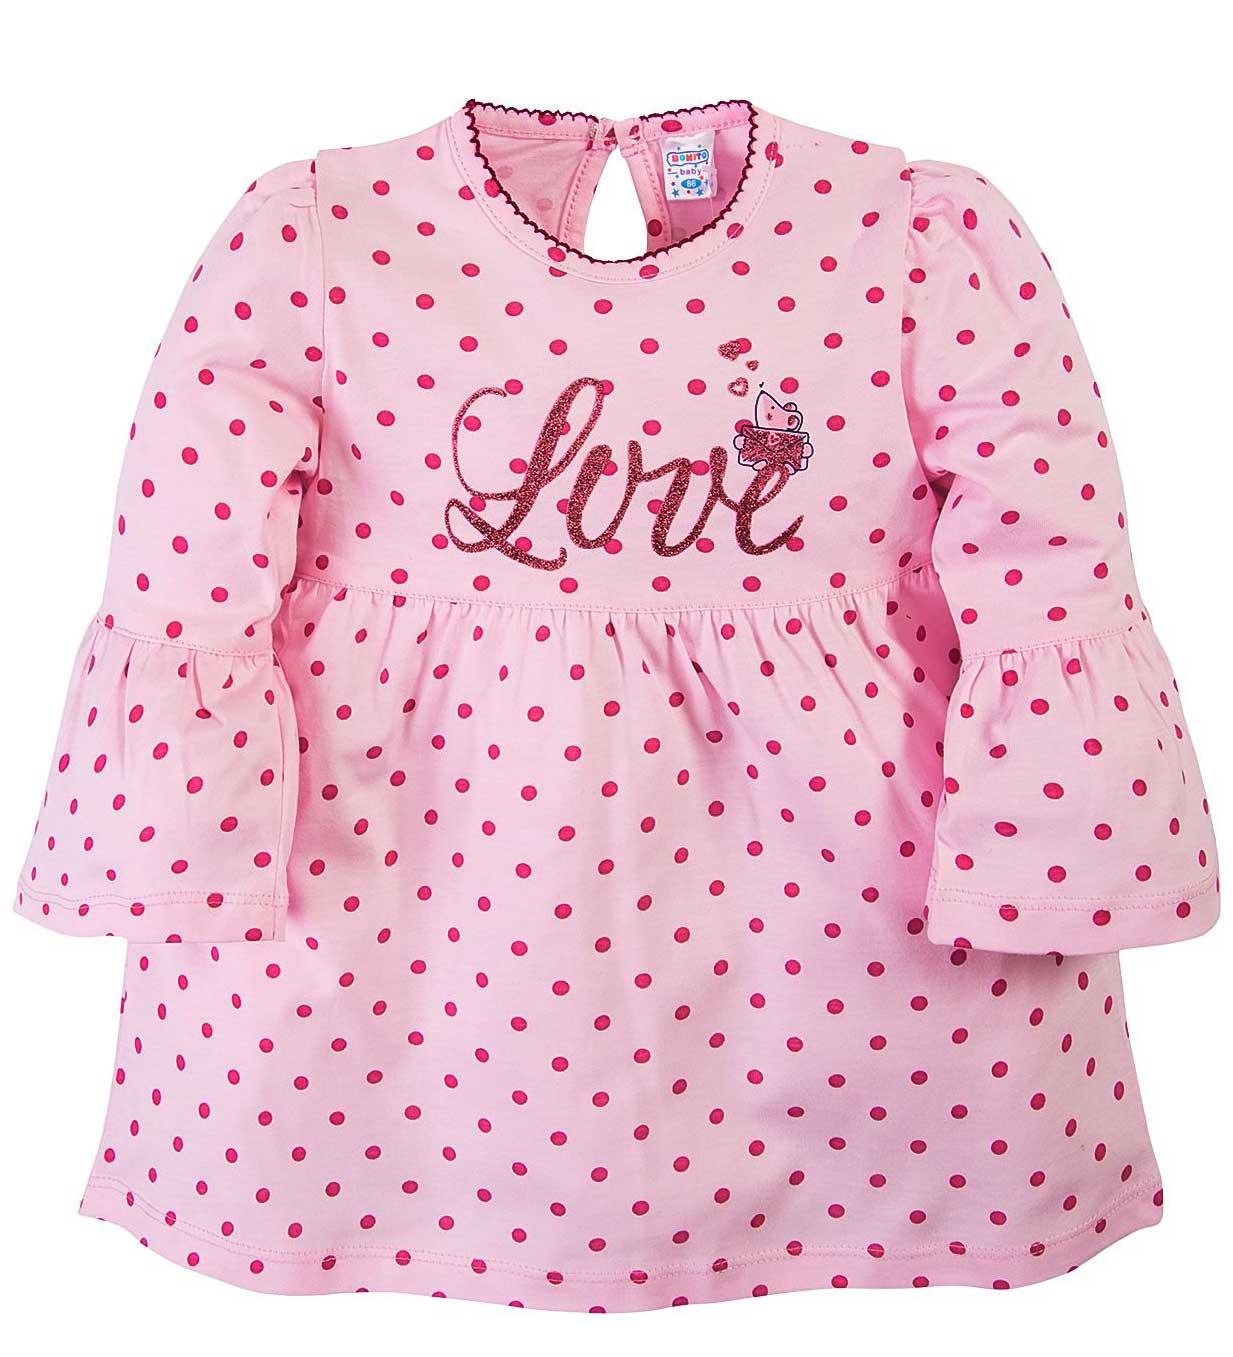 Платье для девочек.Bonito розовое в горошек